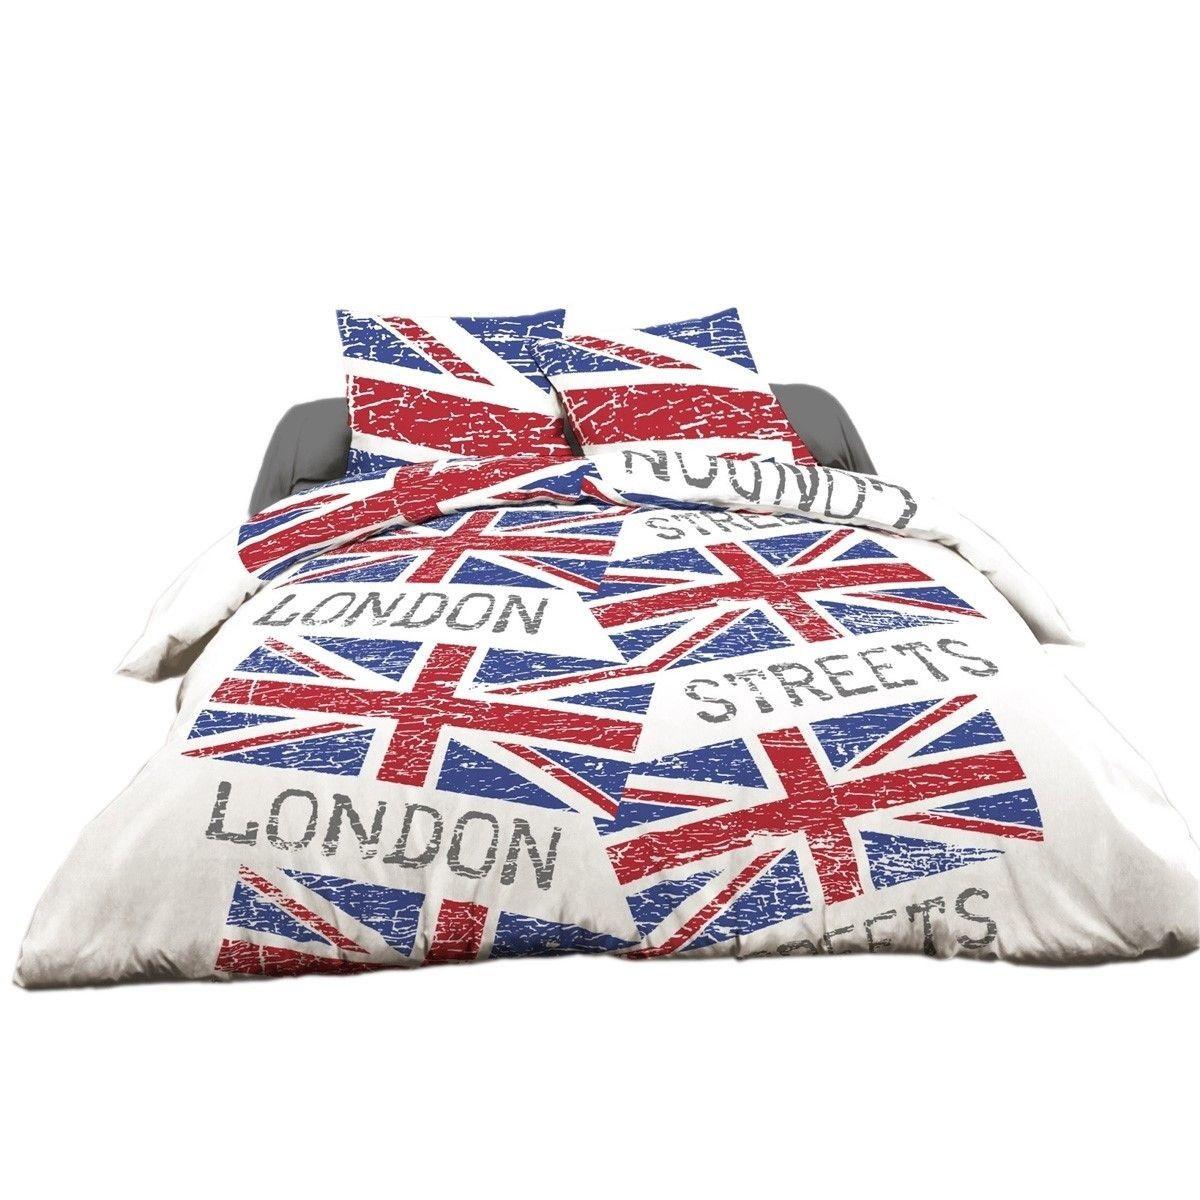 Parure 4 Pieces Modele London Steets Red Lit 140 Taille 140x190 Cm Housse De Couette Couette Housses